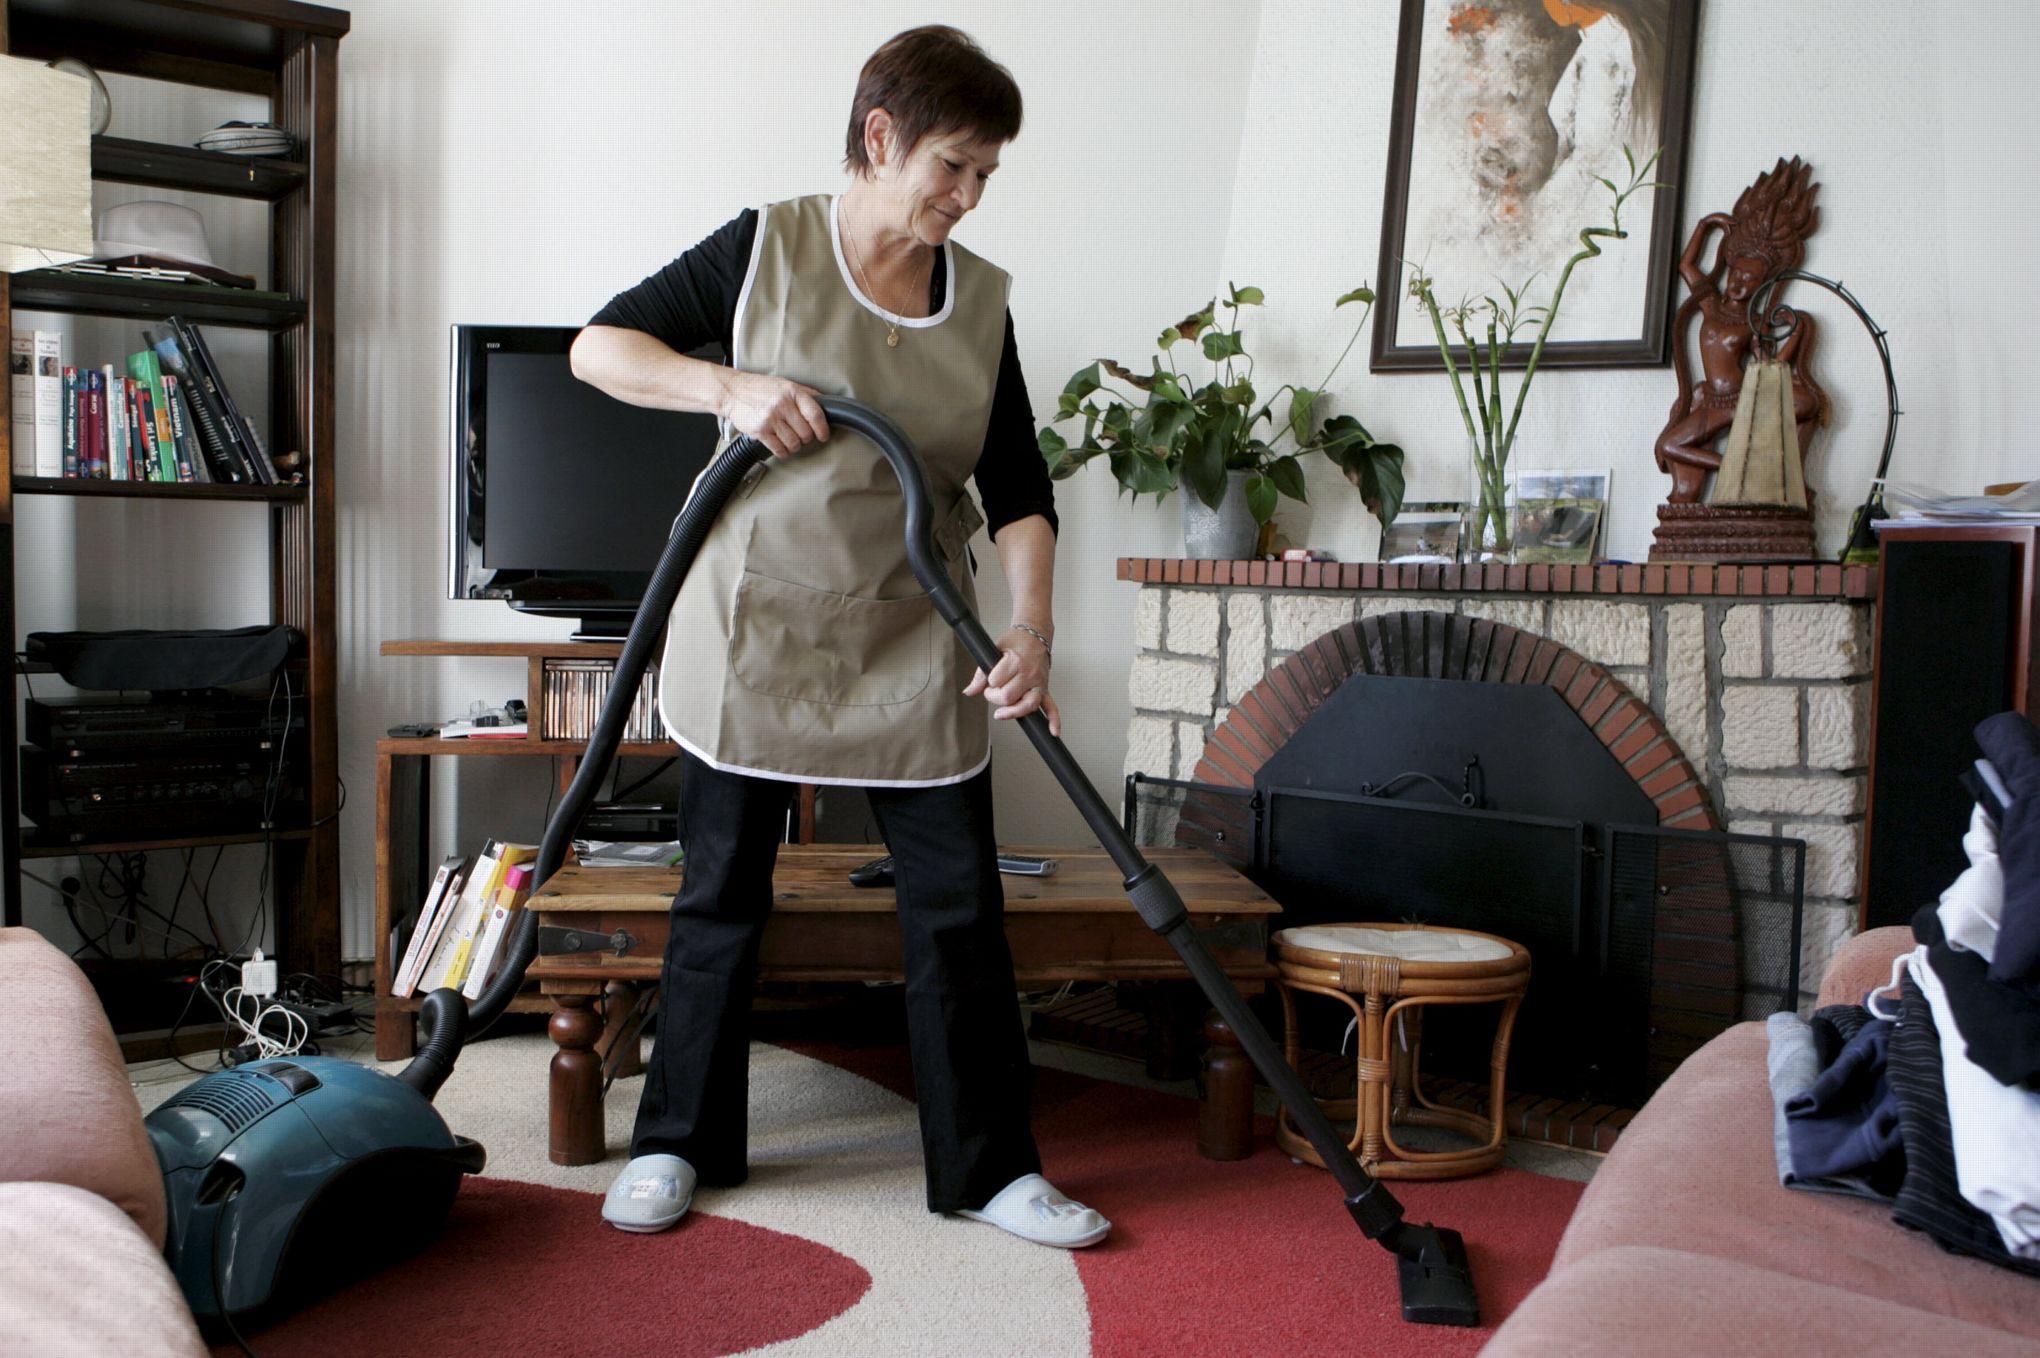 emploi domicile ce que l 39 imp t la source changera pour les particuliers employeurs. Black Bedroom Furniture Sets. Home Design Ideas